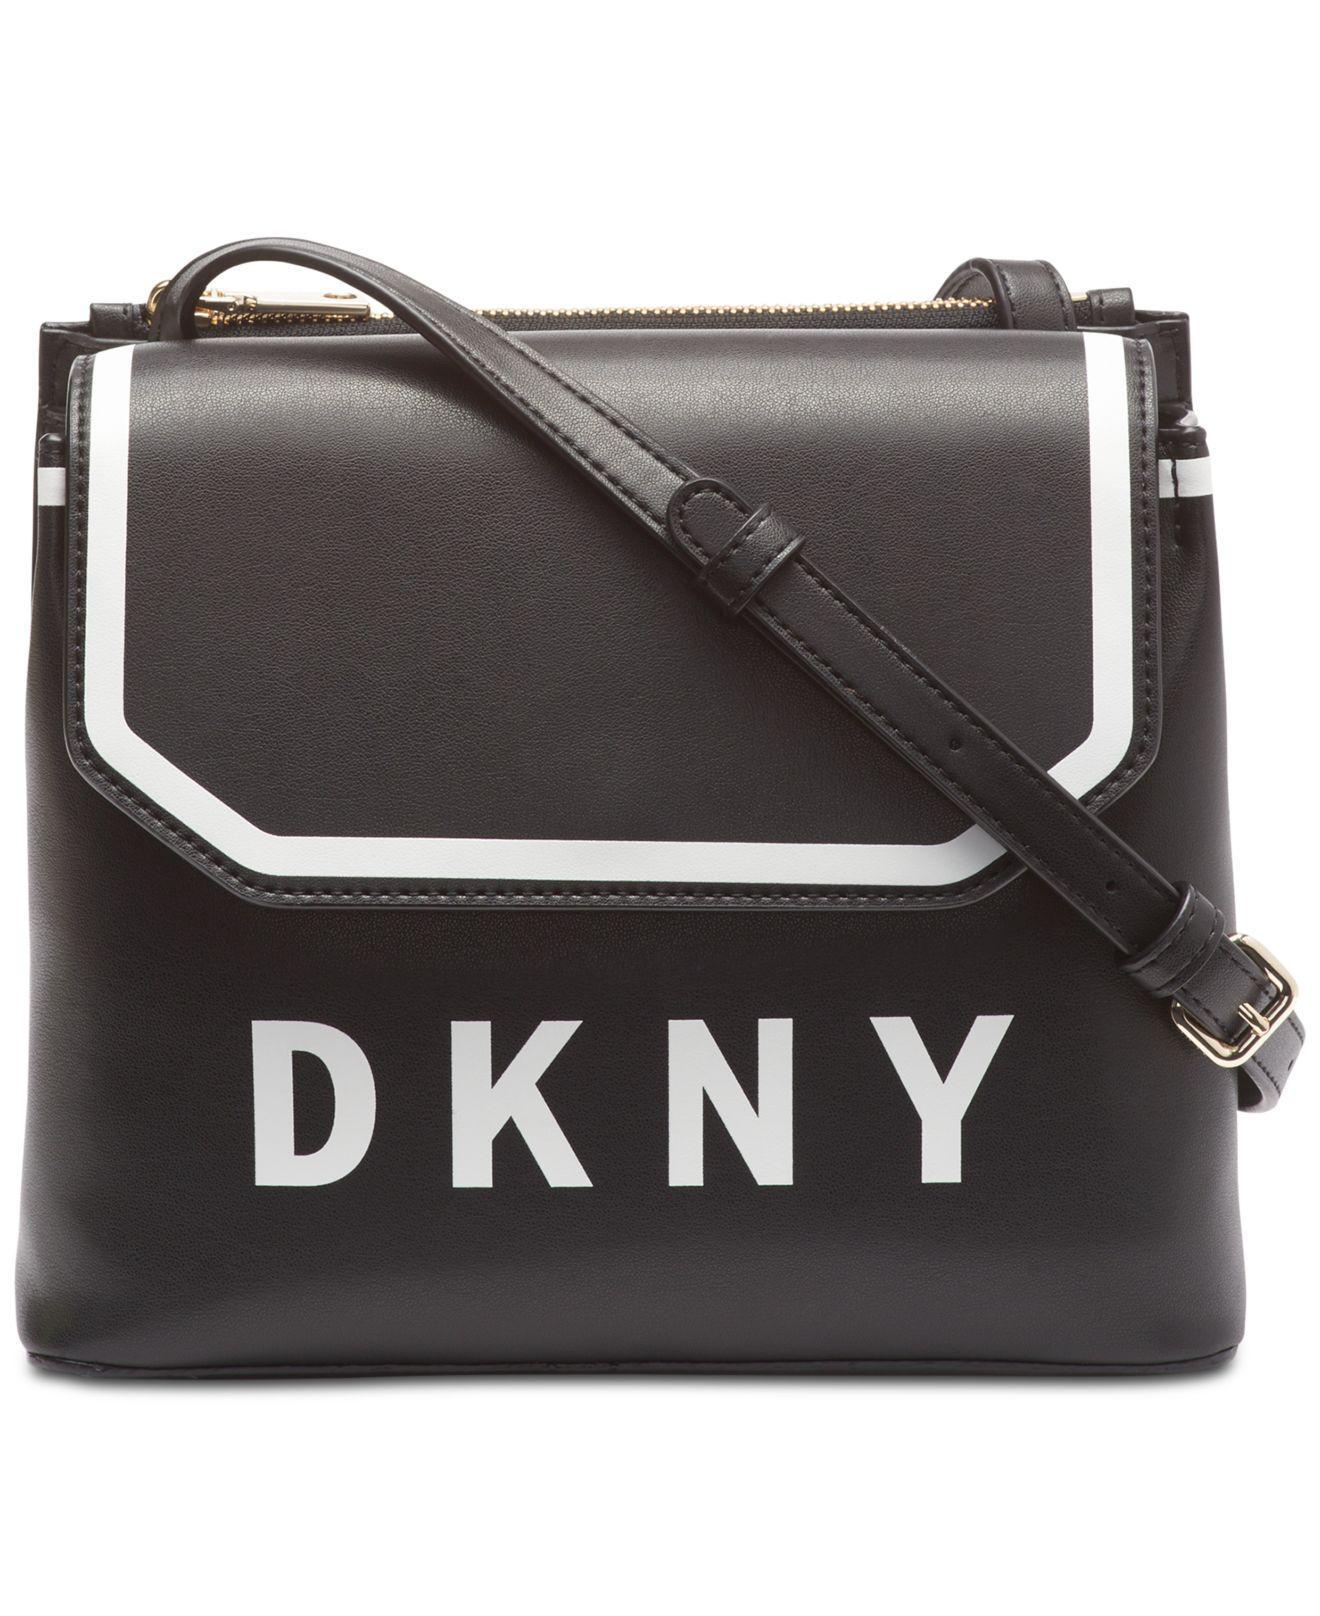 d2004720d9 Lyst - DKNY Jade Flap Crossbody